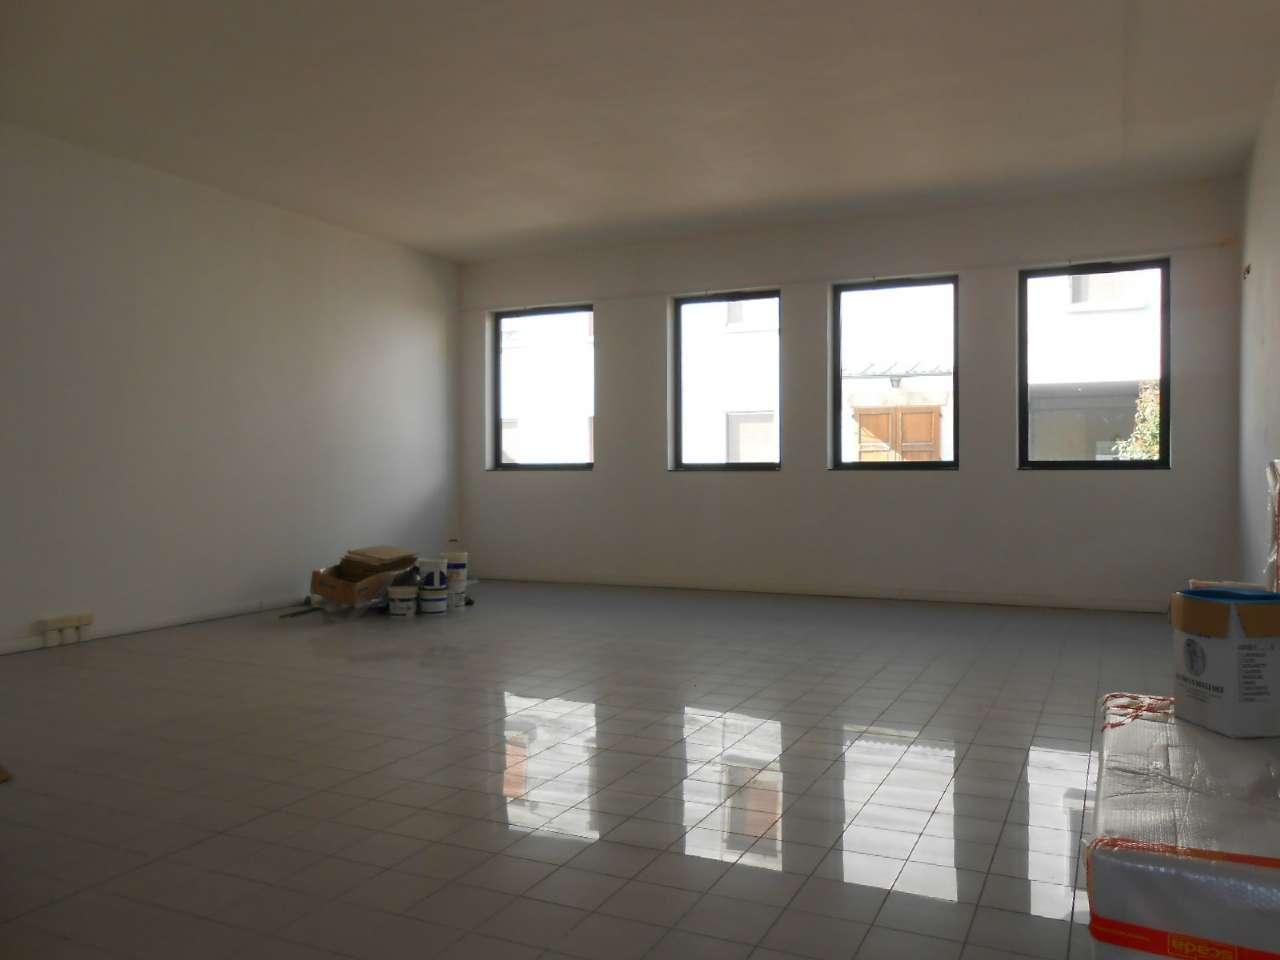 Ufficio / Studio in affitto a Madignano, 2 locali, prezzo € 550 | PortaleAgenzieImmobiliari.it